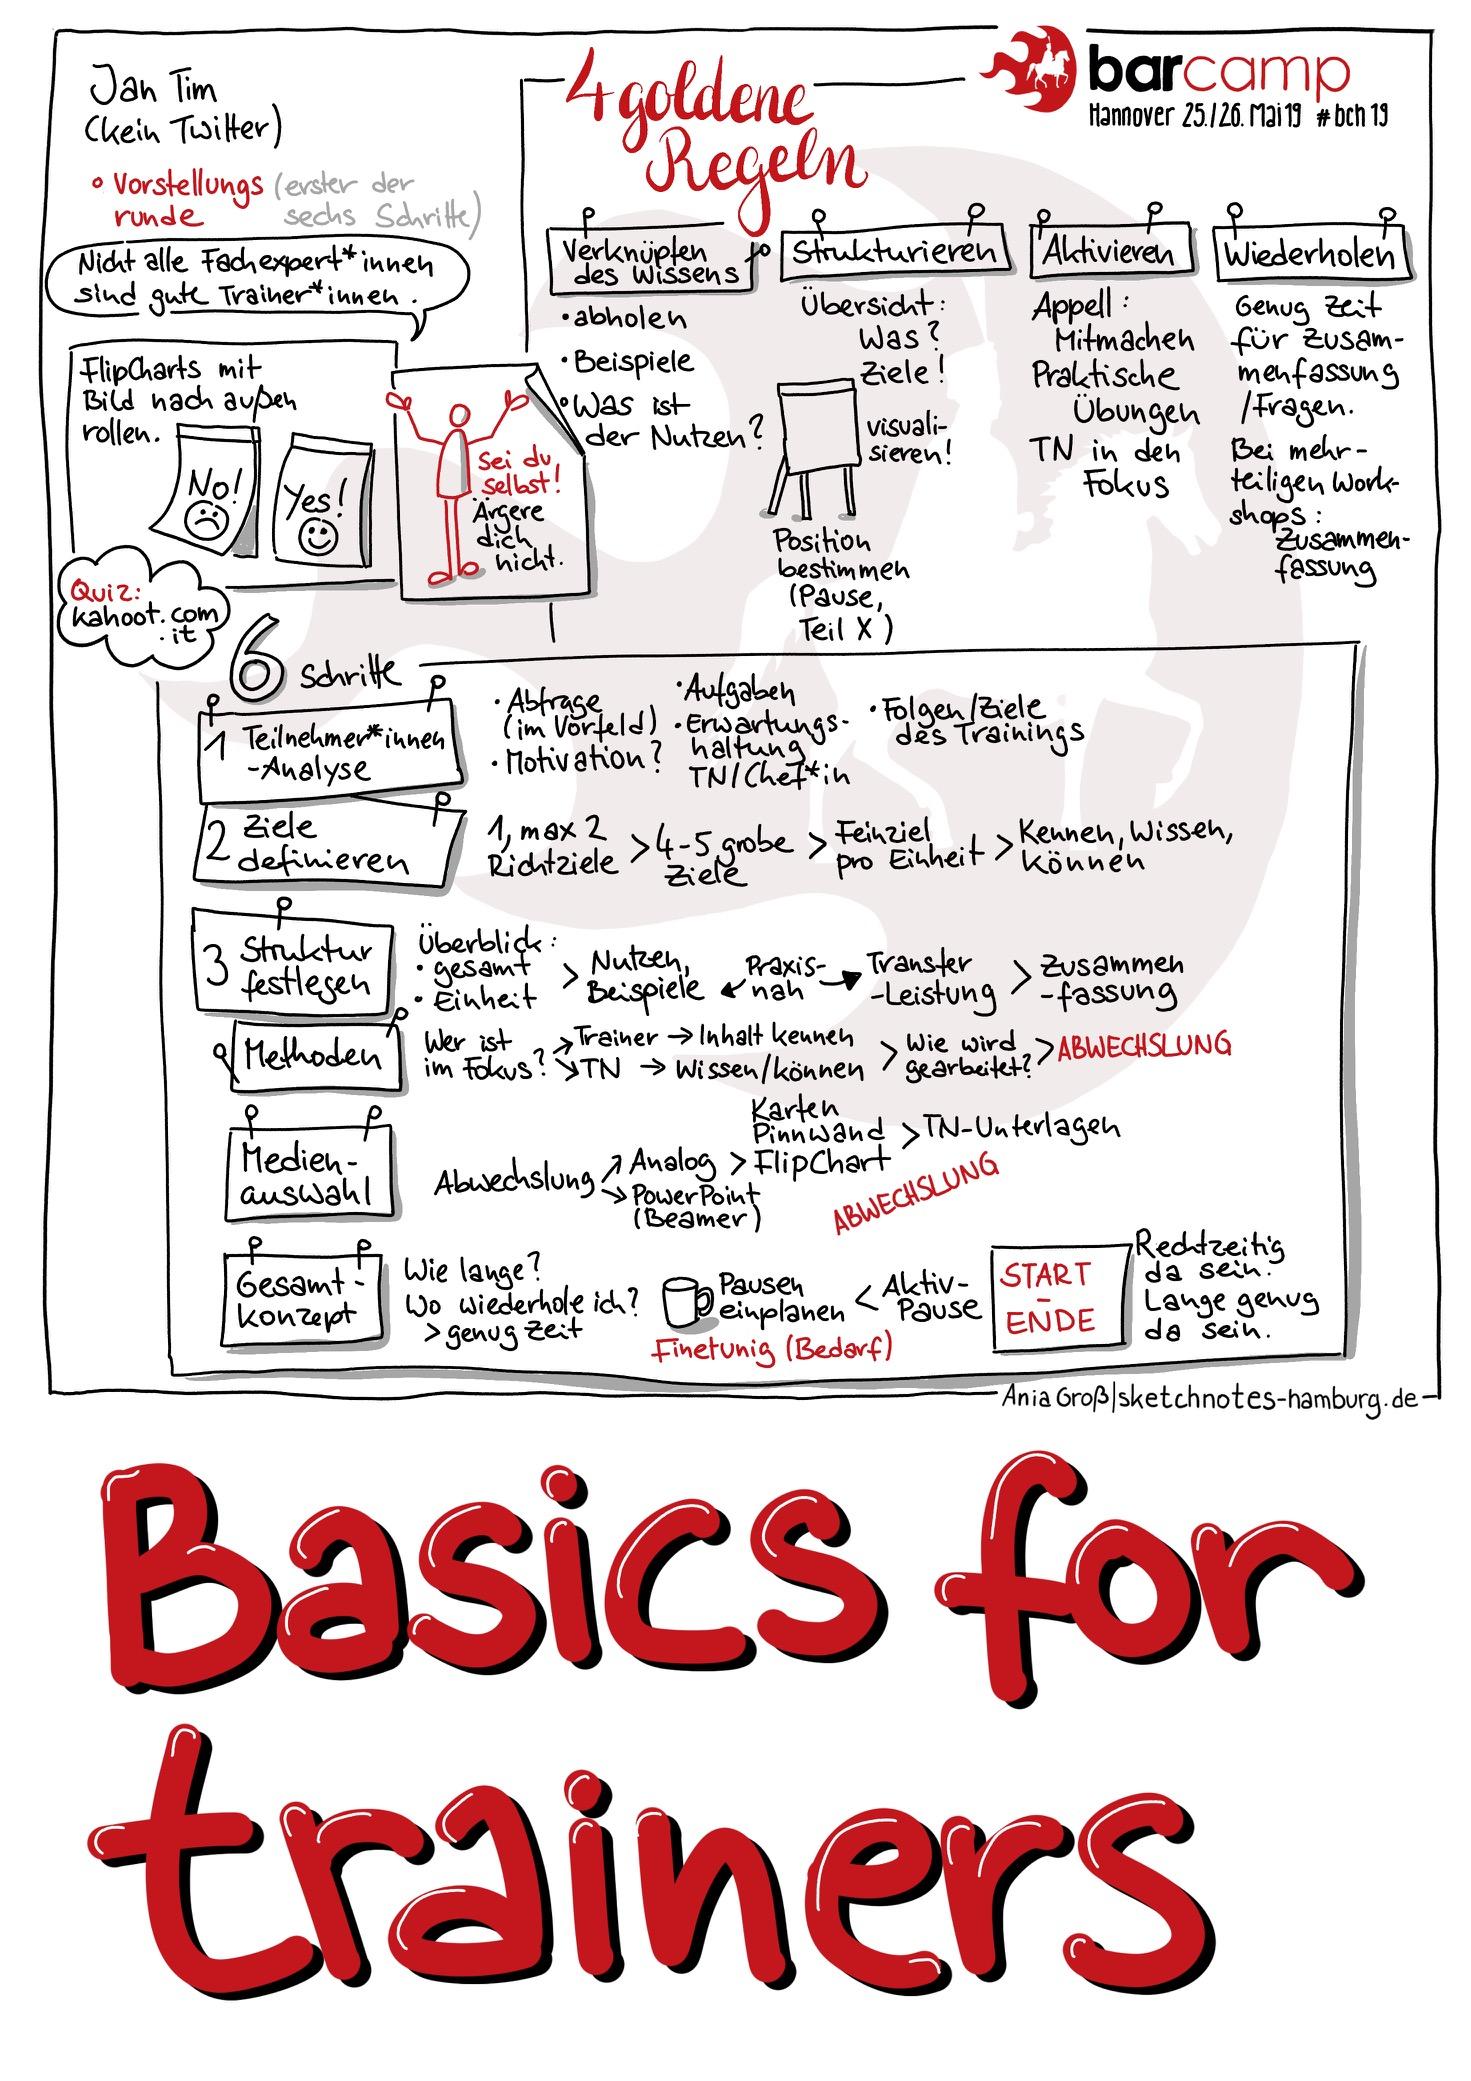 6 Schritte können alle Trainer*innen gehen: 1. Teilnehmer*innen-Analyse, 2. Zieledefinieren, 3. Struktur festlegen, 4. Methodenauswahl, 5. abwechslungsreiche Medien, 6. Gesamtkonzept. Sketchnotes: © Ania Groß